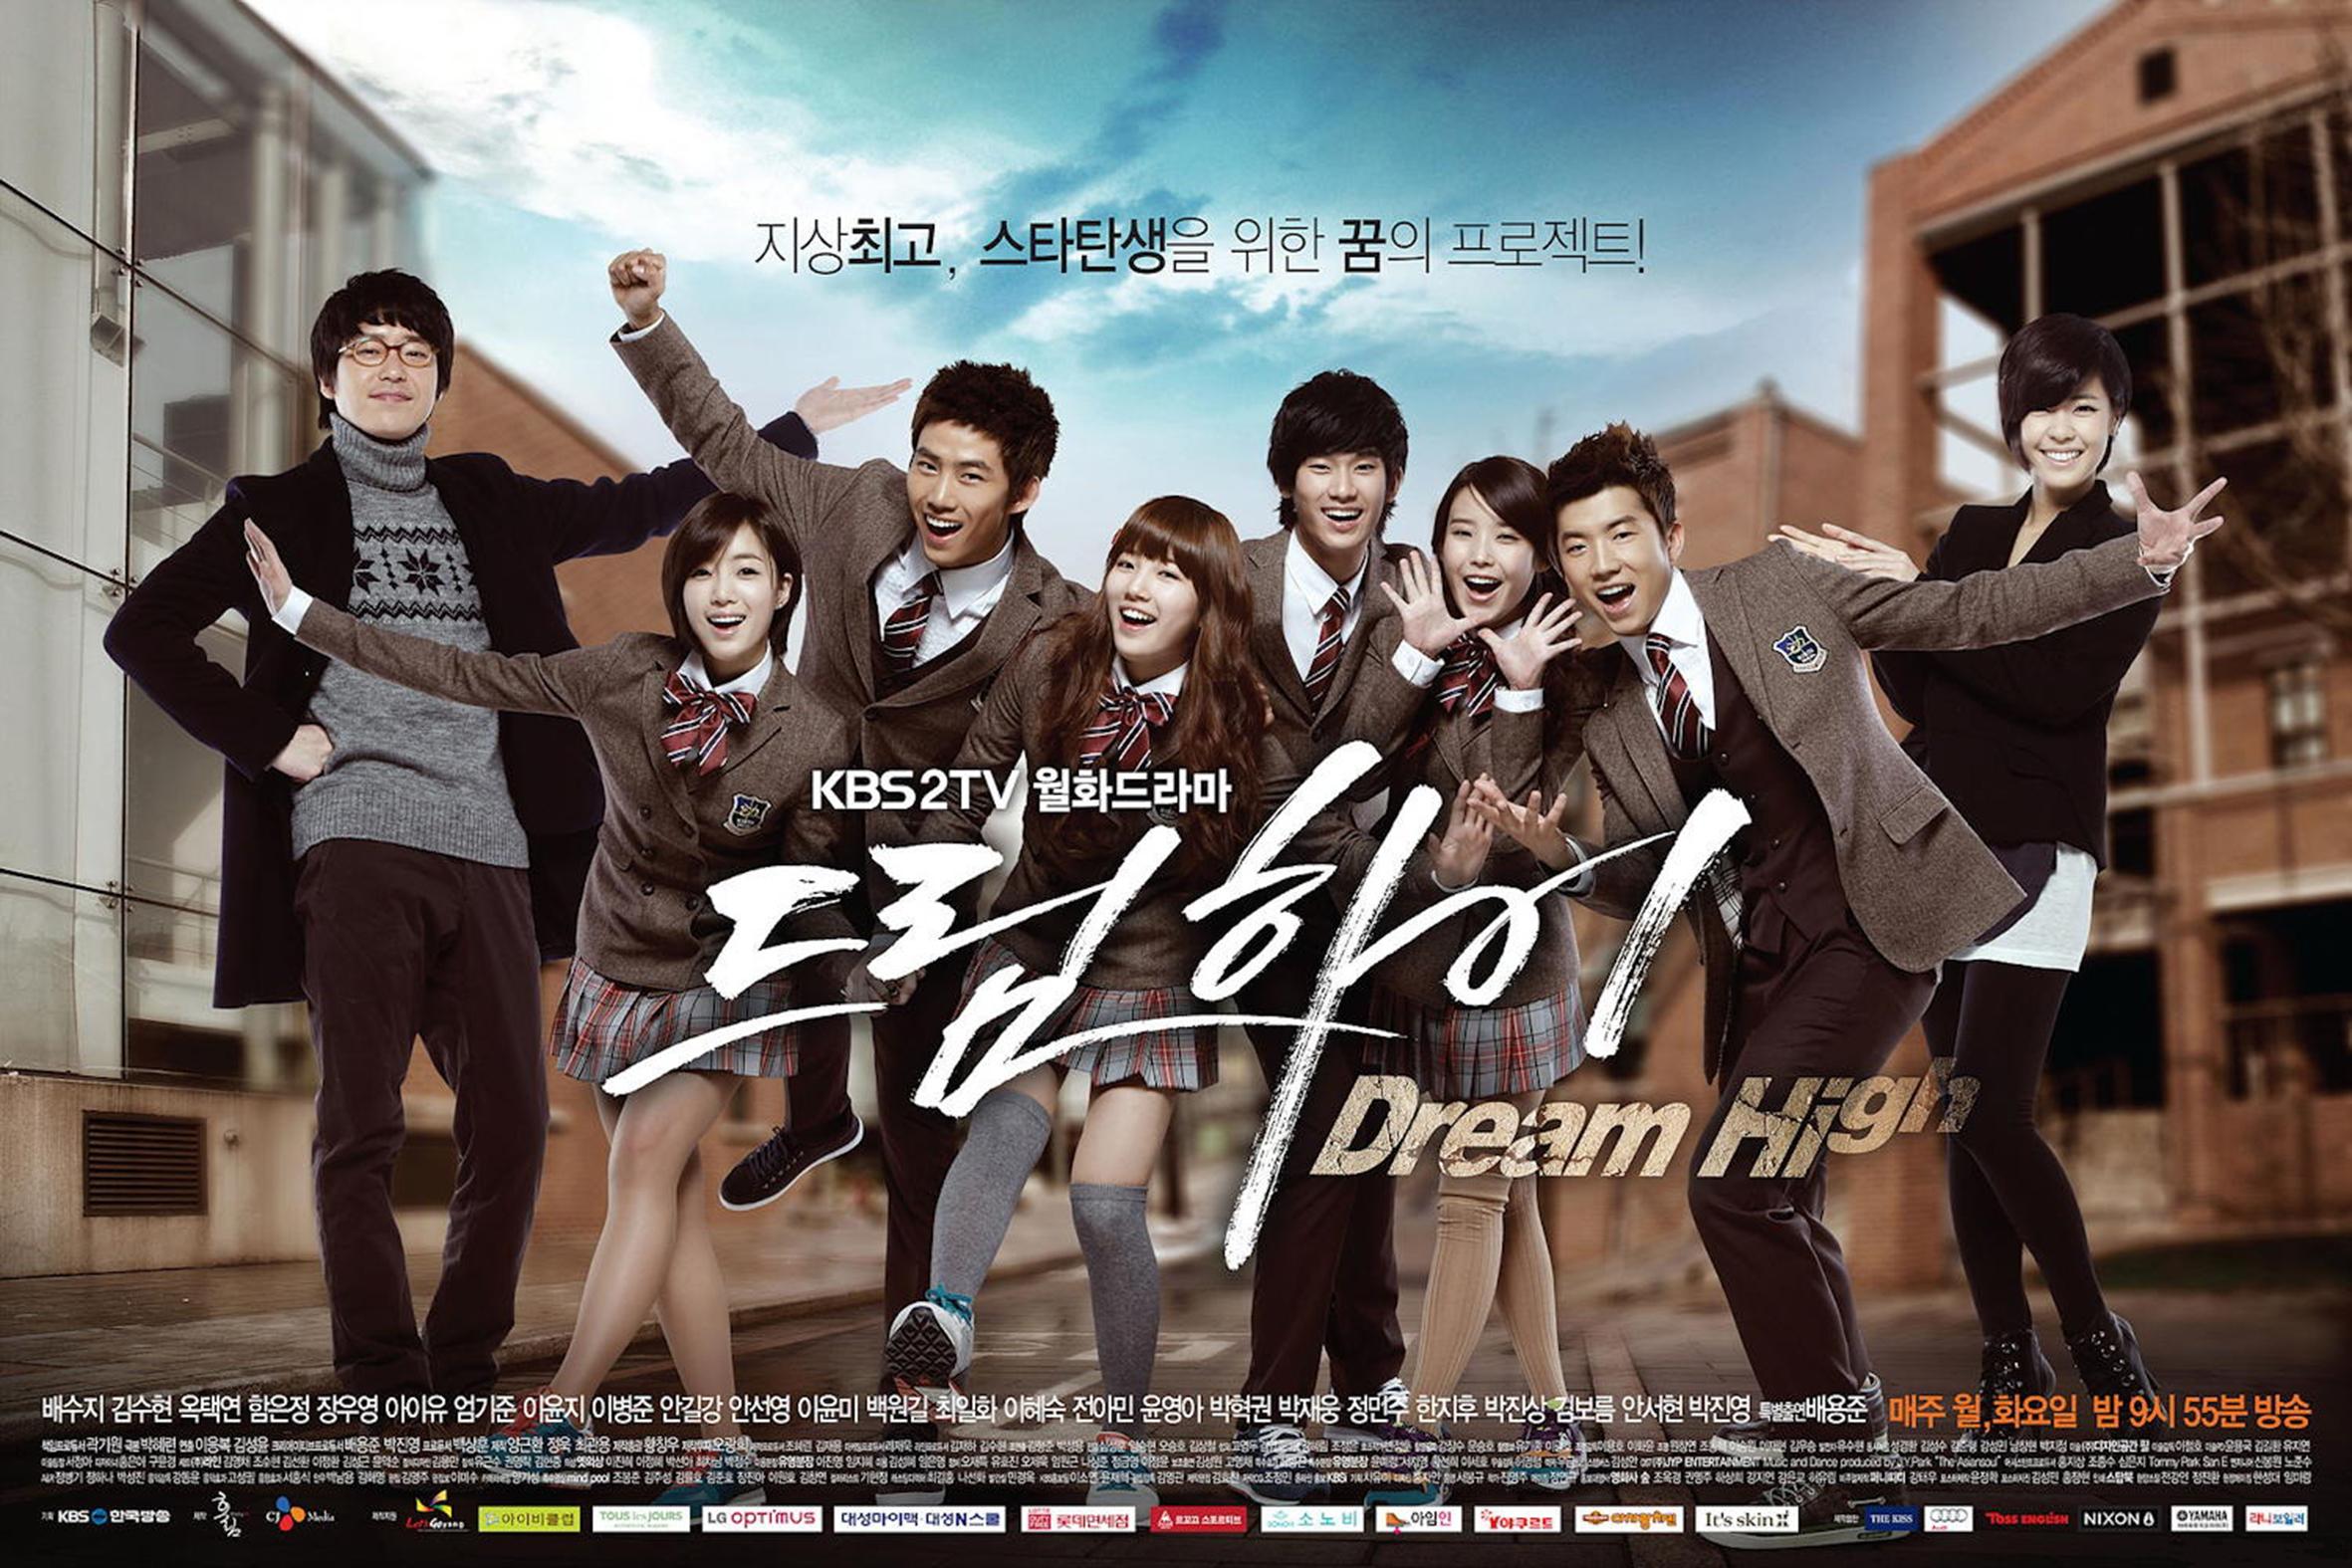 《Dream High》官方海報